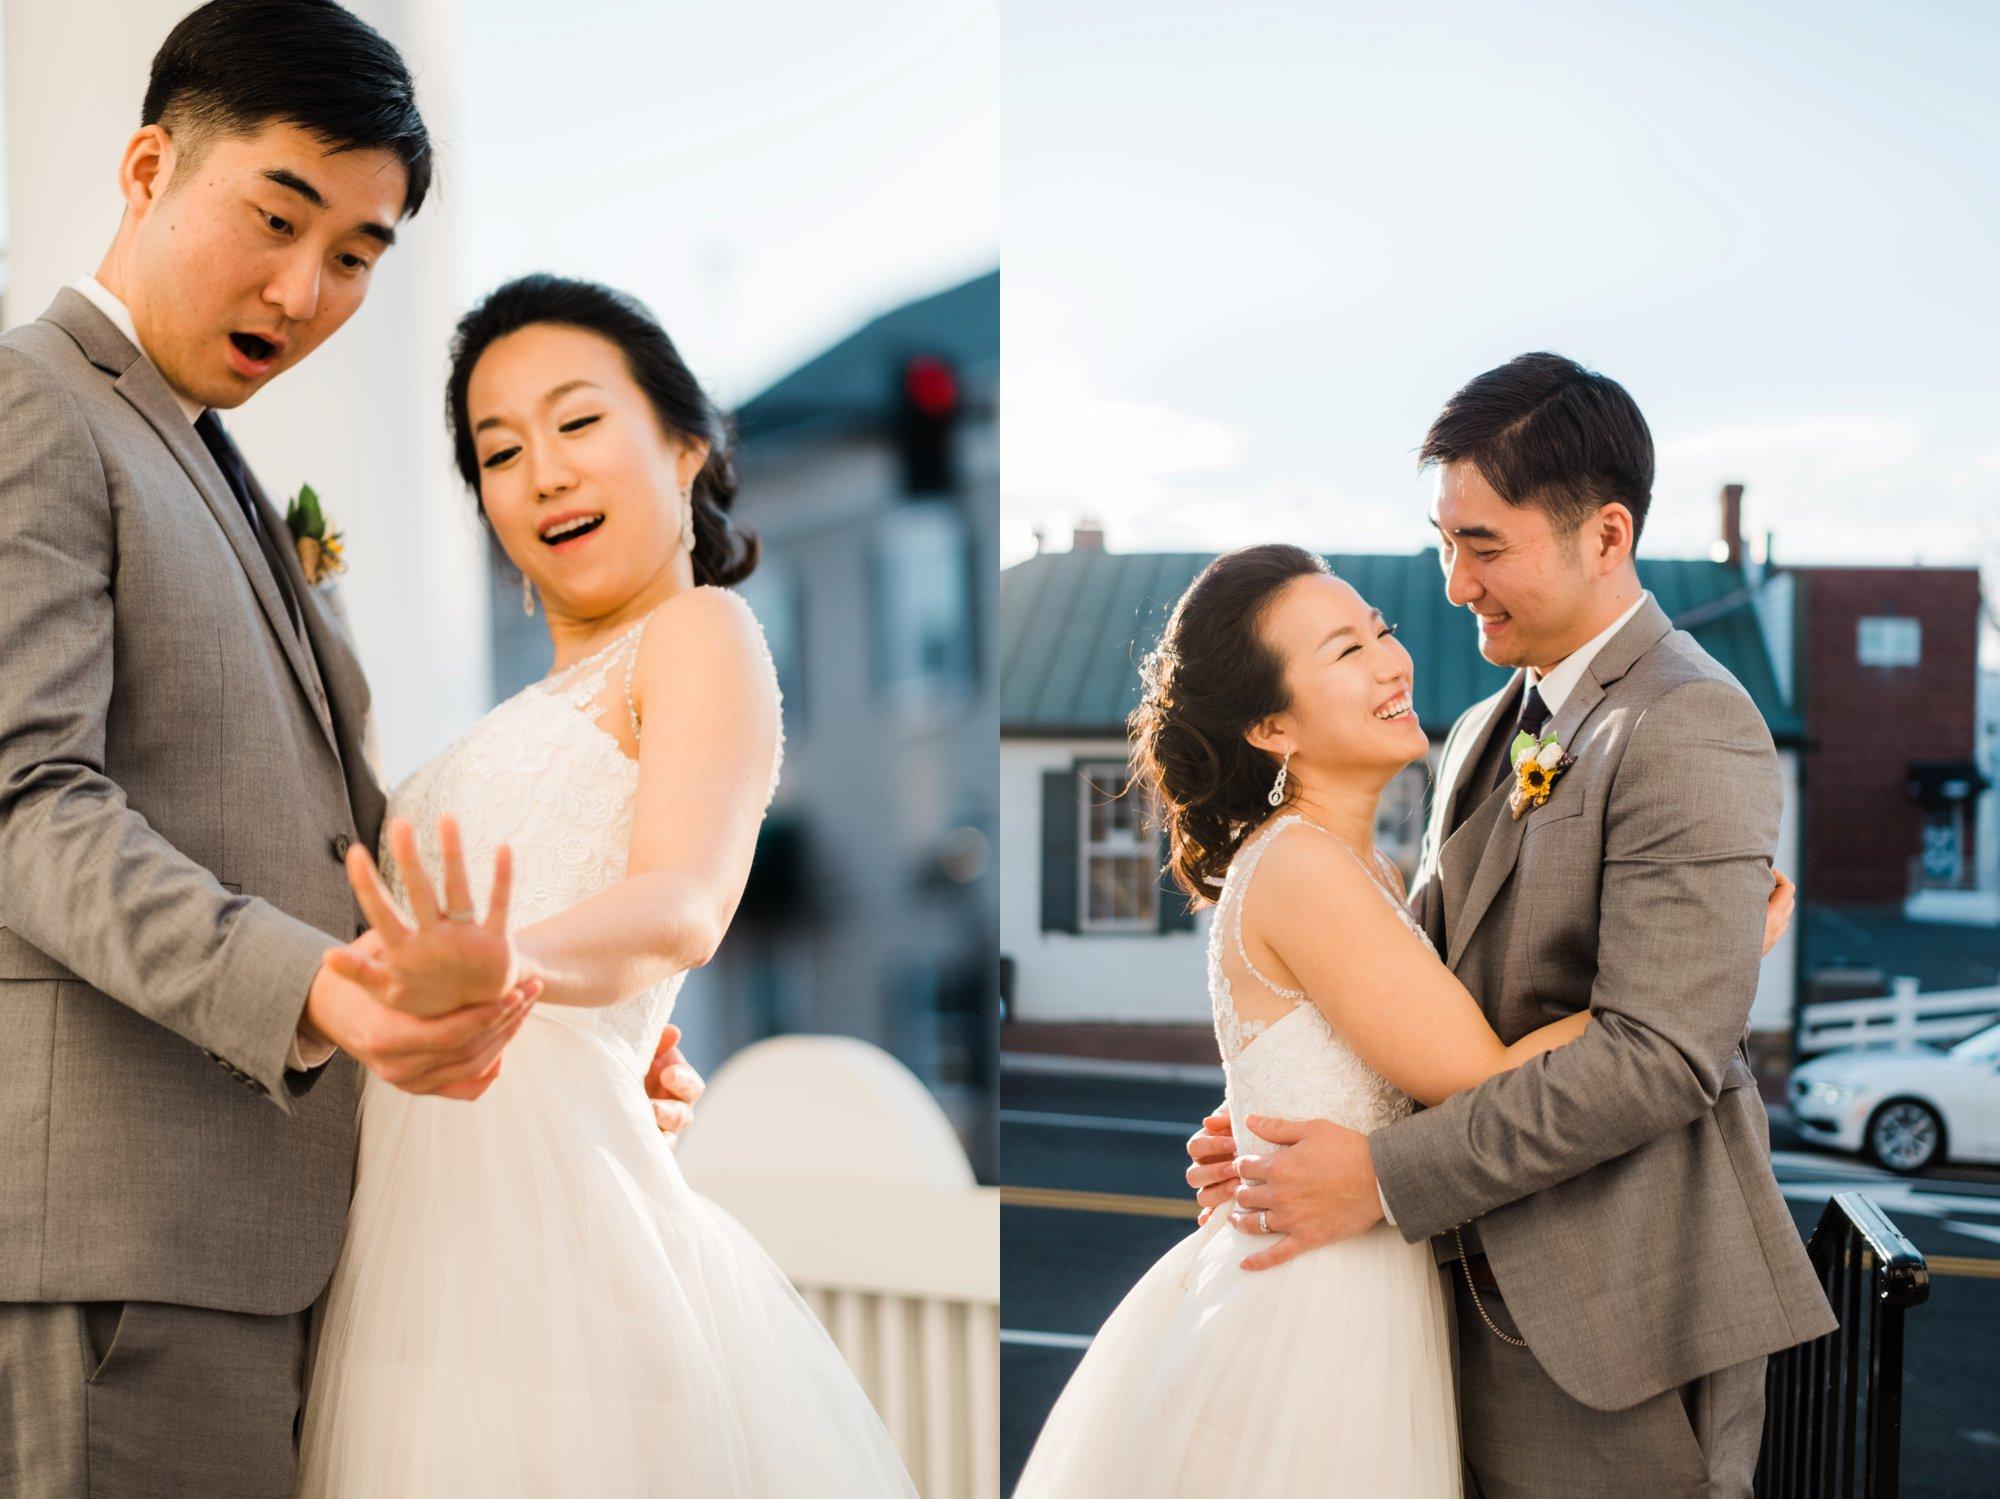 fairfax-dc-wedding-old-city-hall_0095.jpg